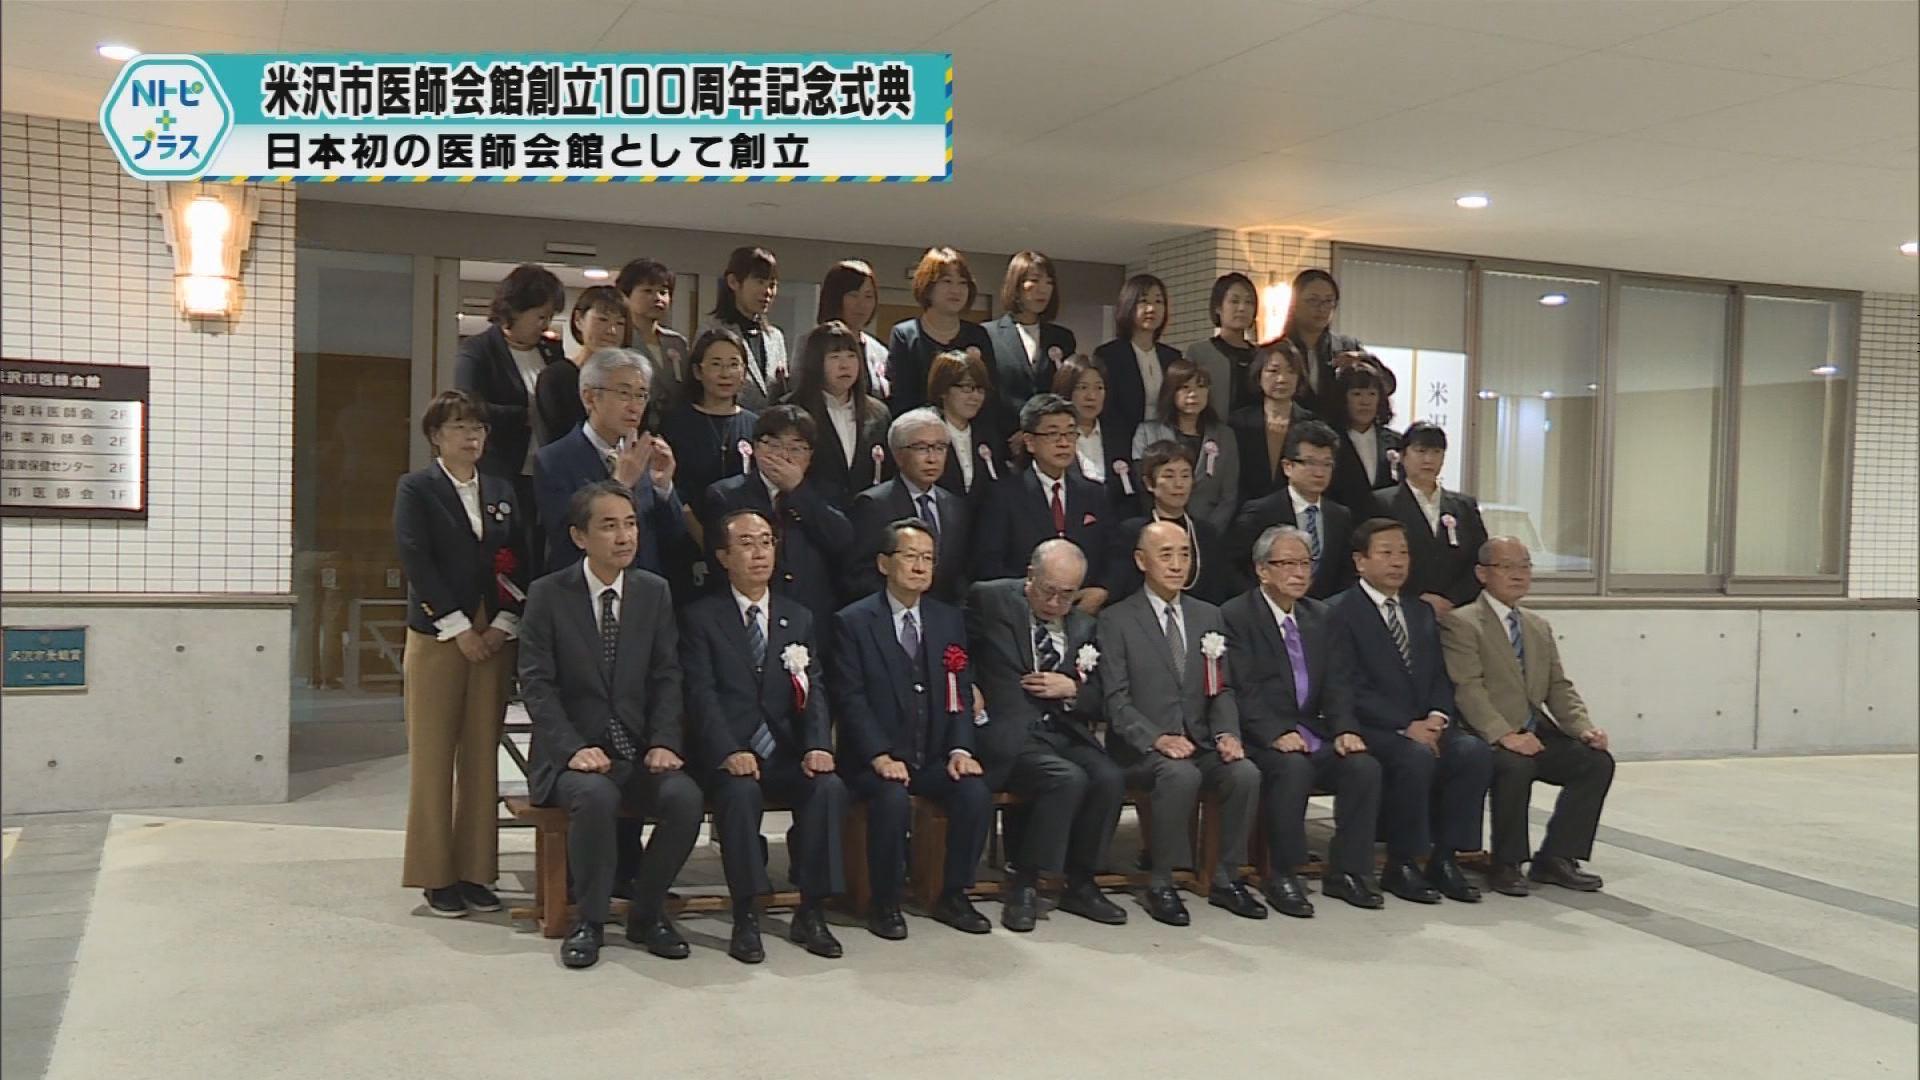 「米沢市医師会館創立100周年記念式典」日本初の医師会館として創立